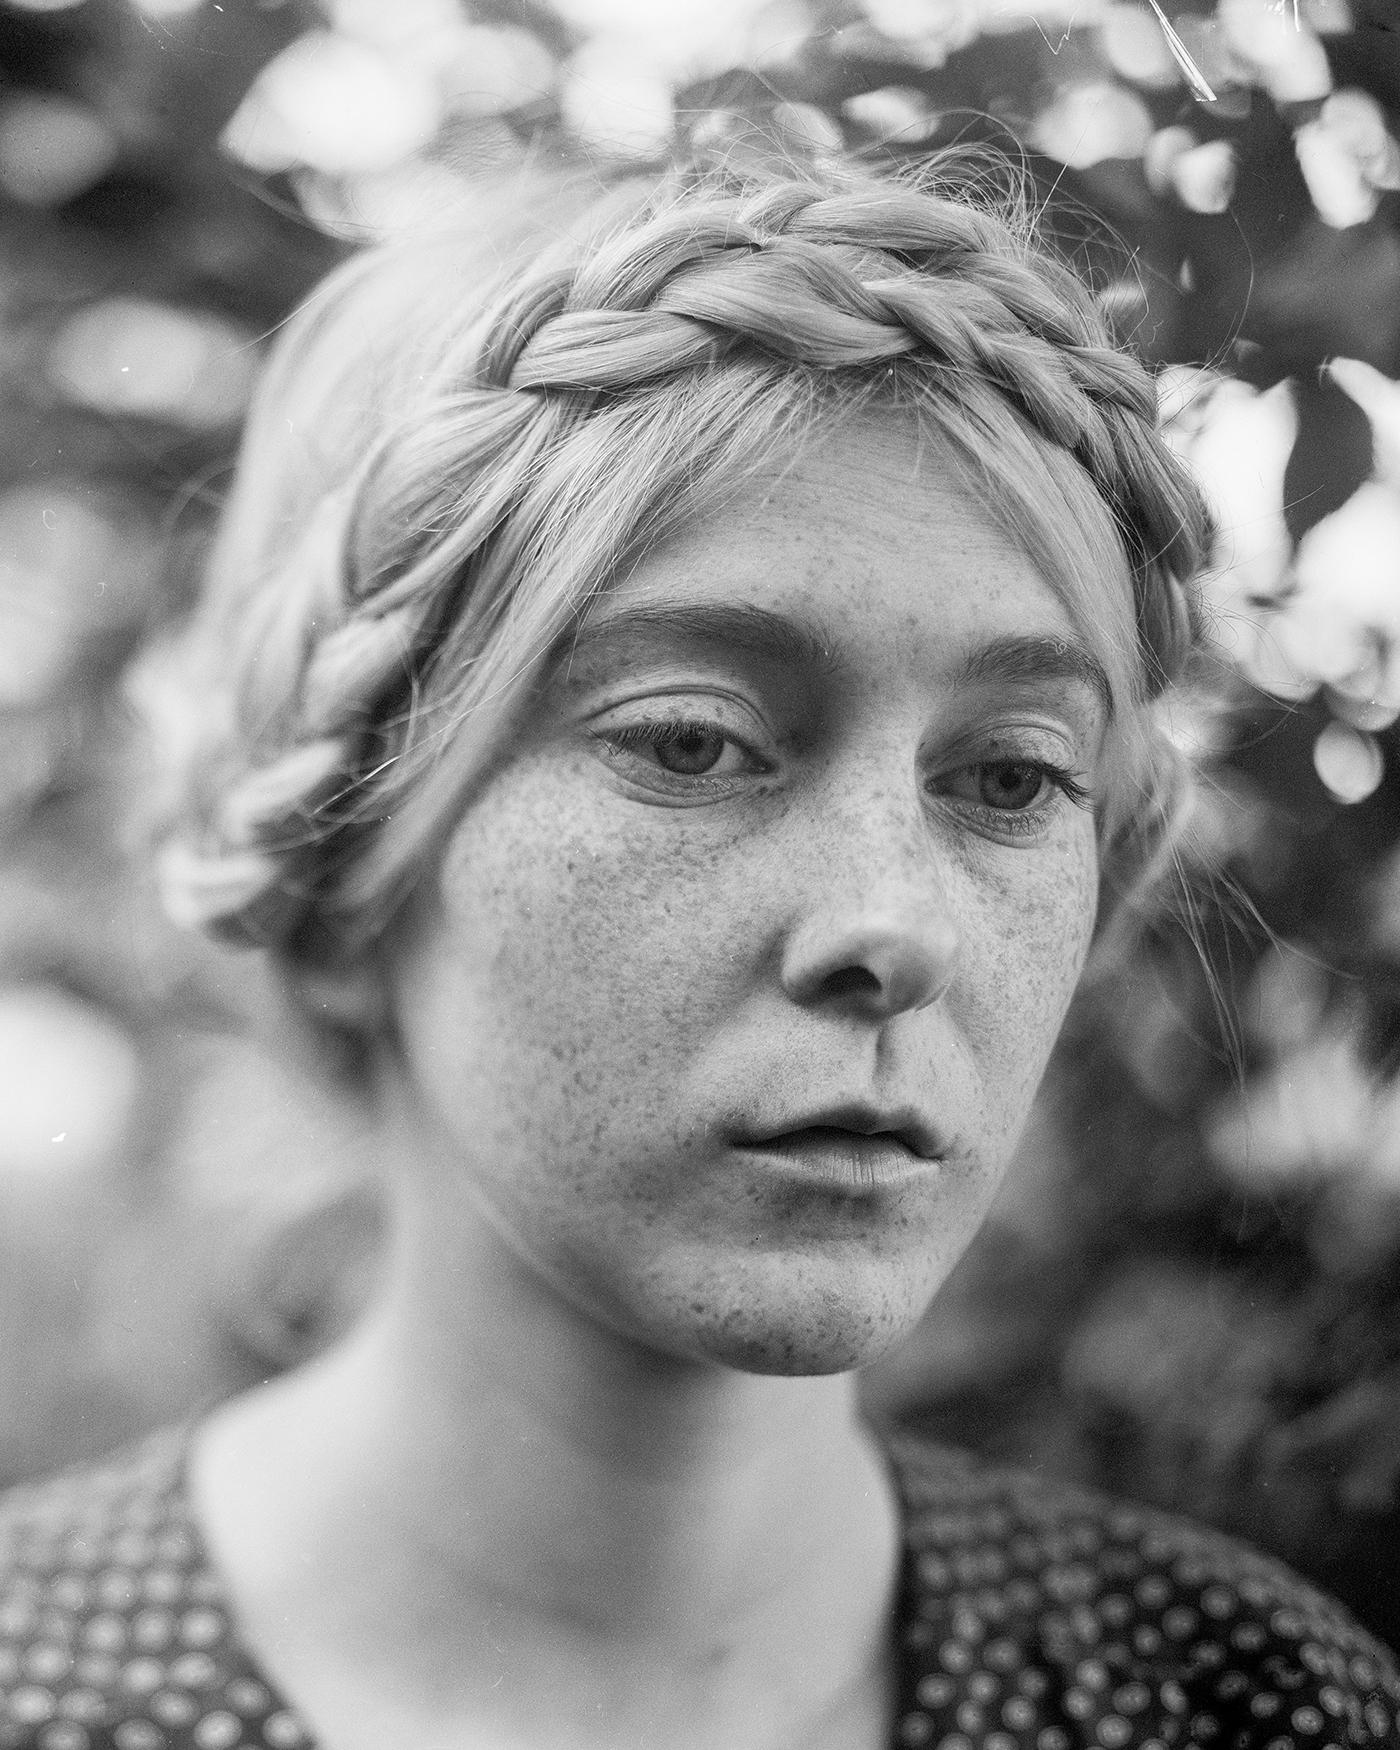 Portraits - A series of 4x5 inch portraits.Lorem ipsum dolor sit amet, consectetur adipiscing elit.